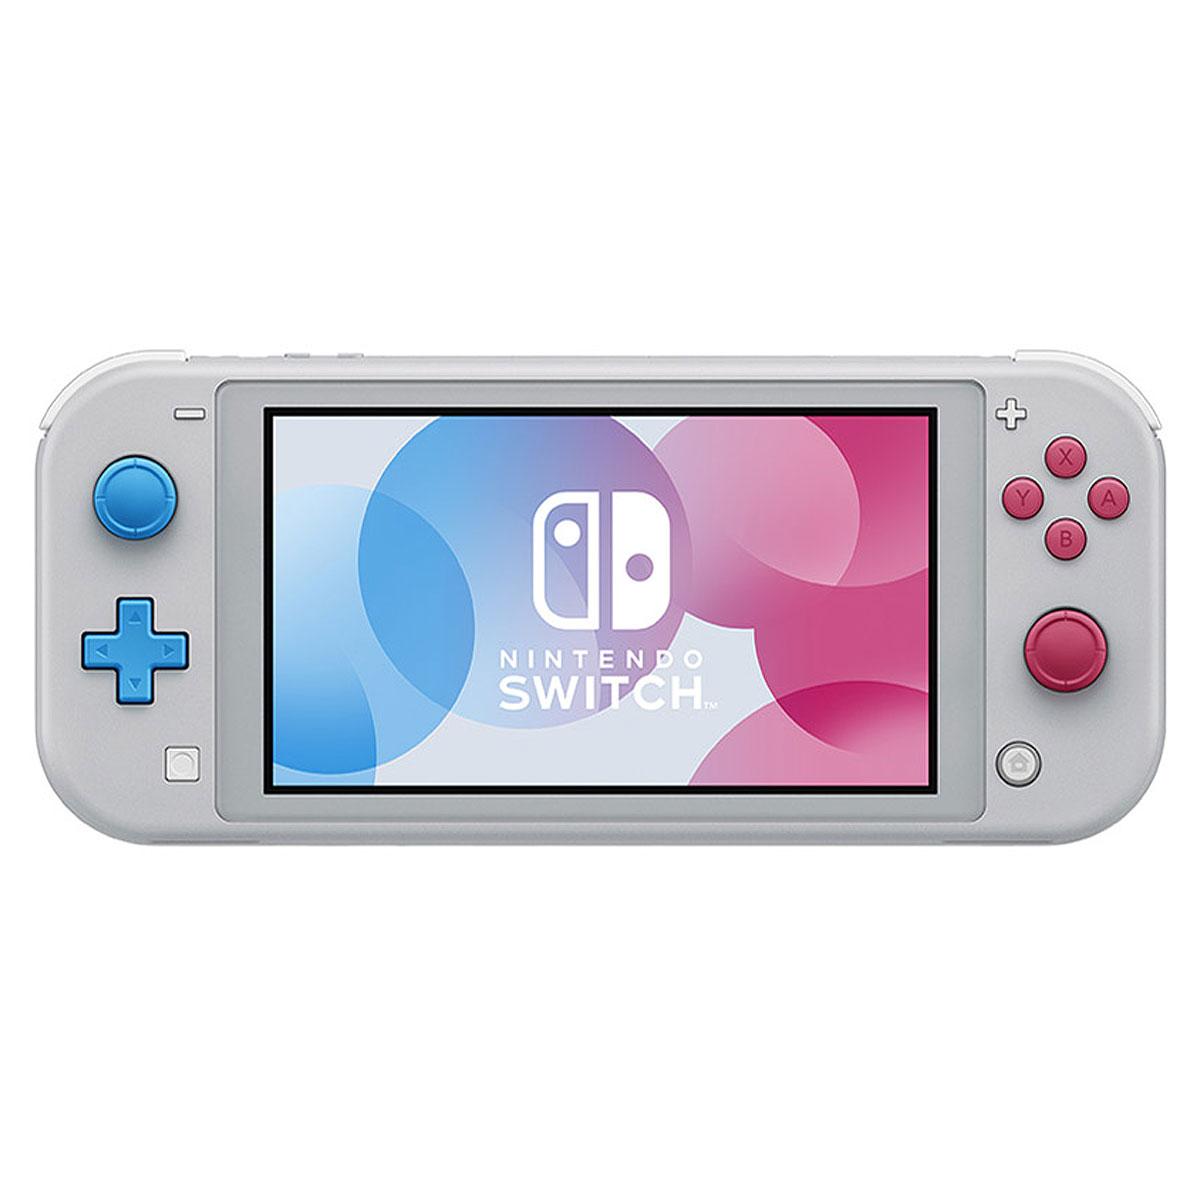 任天堂 Nintendo Switch Lite ザシアン・ザマゼンタ ゲーム機【宅配便送料無料】 (wn0306)(1213644)